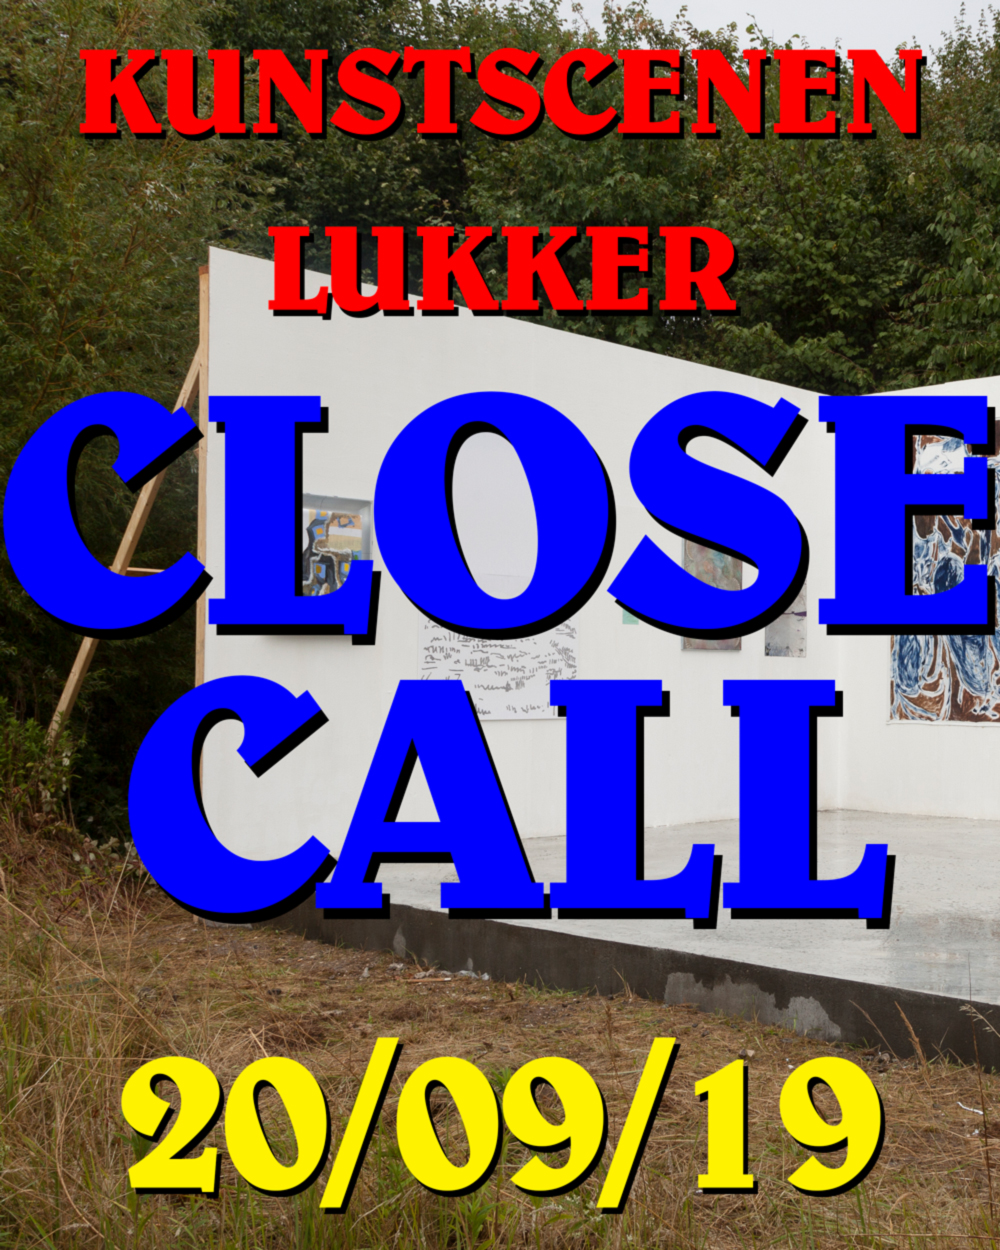 close-call